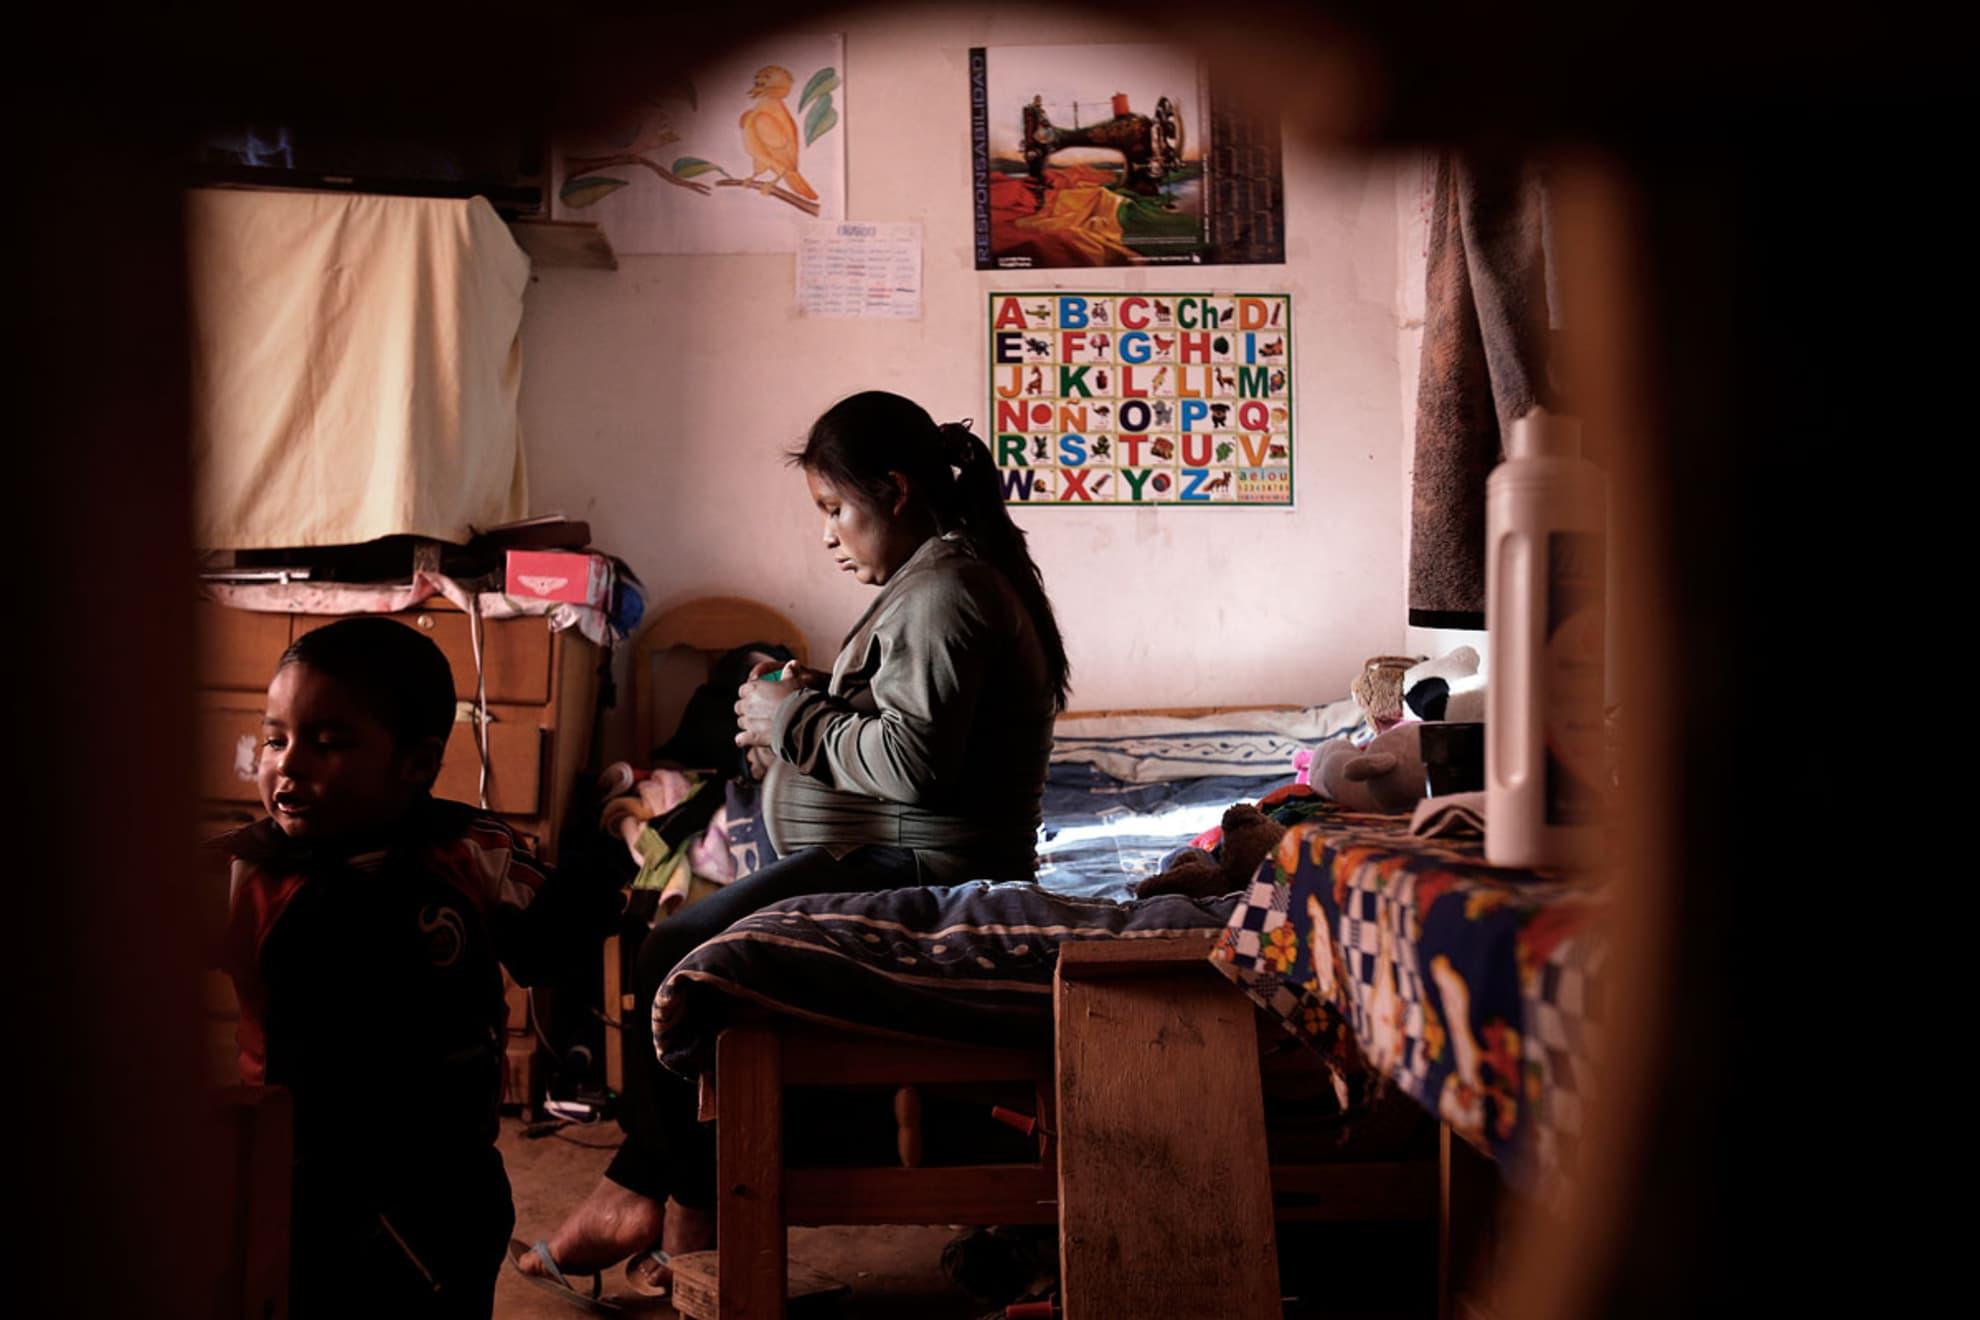 Lidia Mamani Lima de 40 años es asistida por la partera Josefa Wanka Ramirez en la sala de adecuación cultural del hospital de Patacamaya, unos instantes antes de dar a luz.